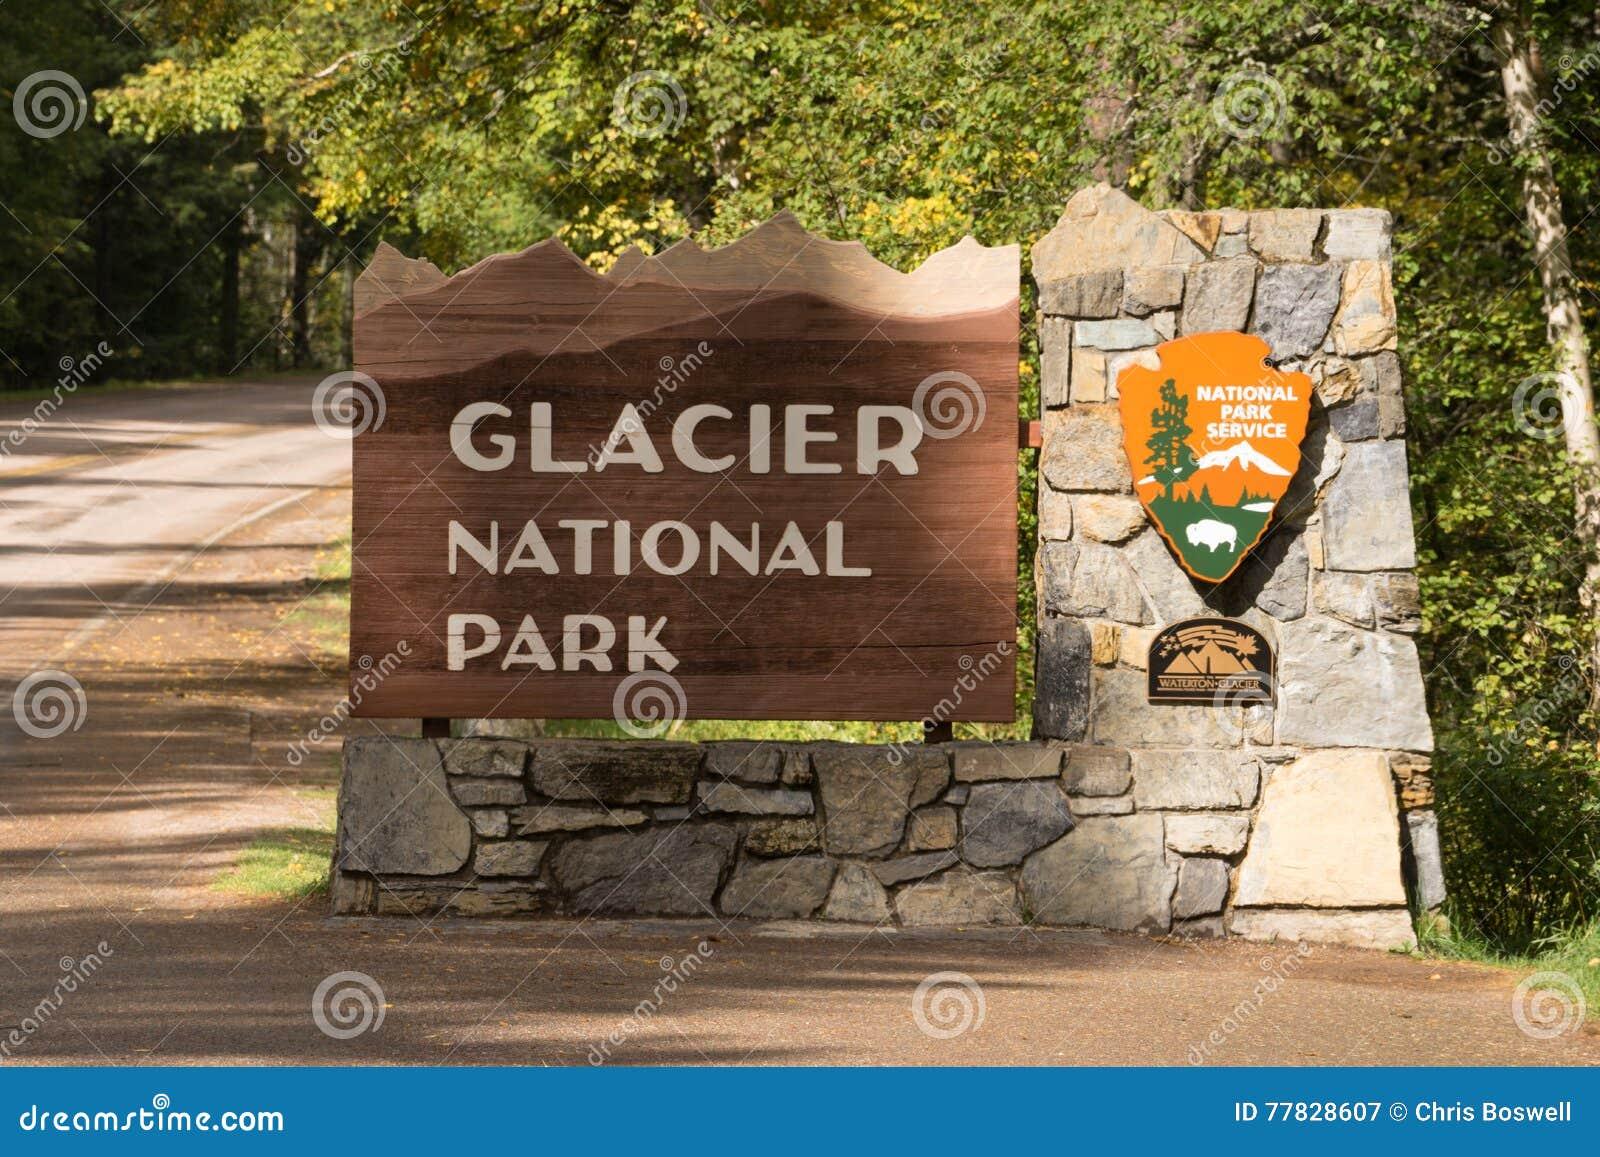 入口冰川国家公园可喜的迹象标志蒙大拿